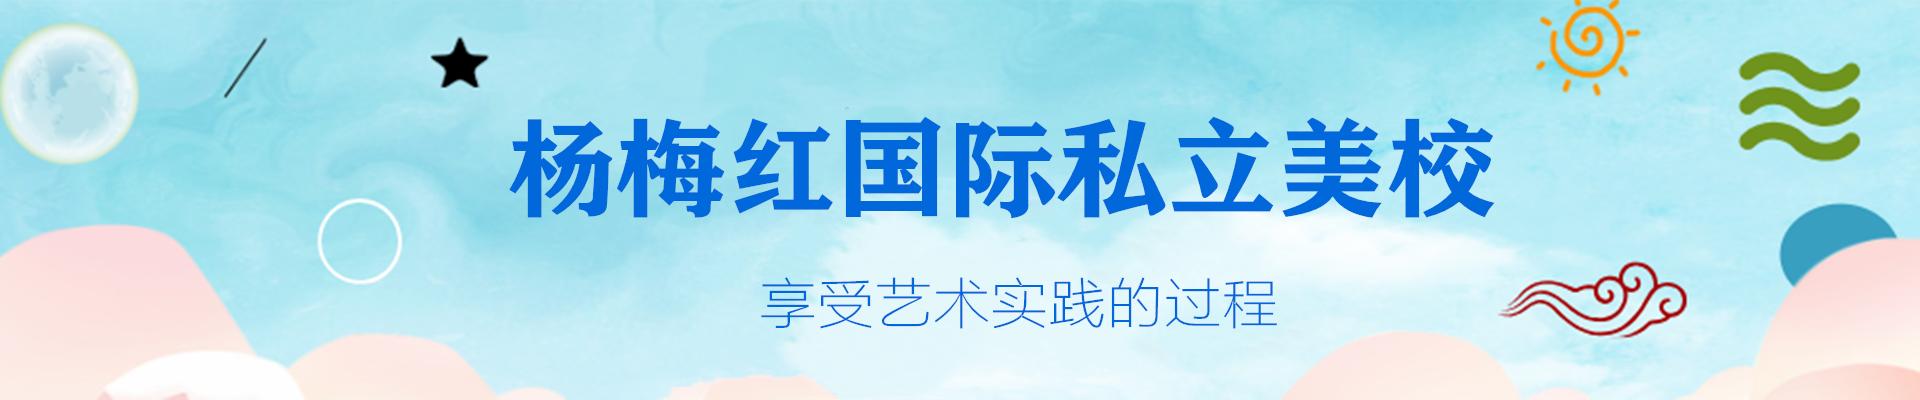 武汉荟聚中心杨梅红国际私立美校